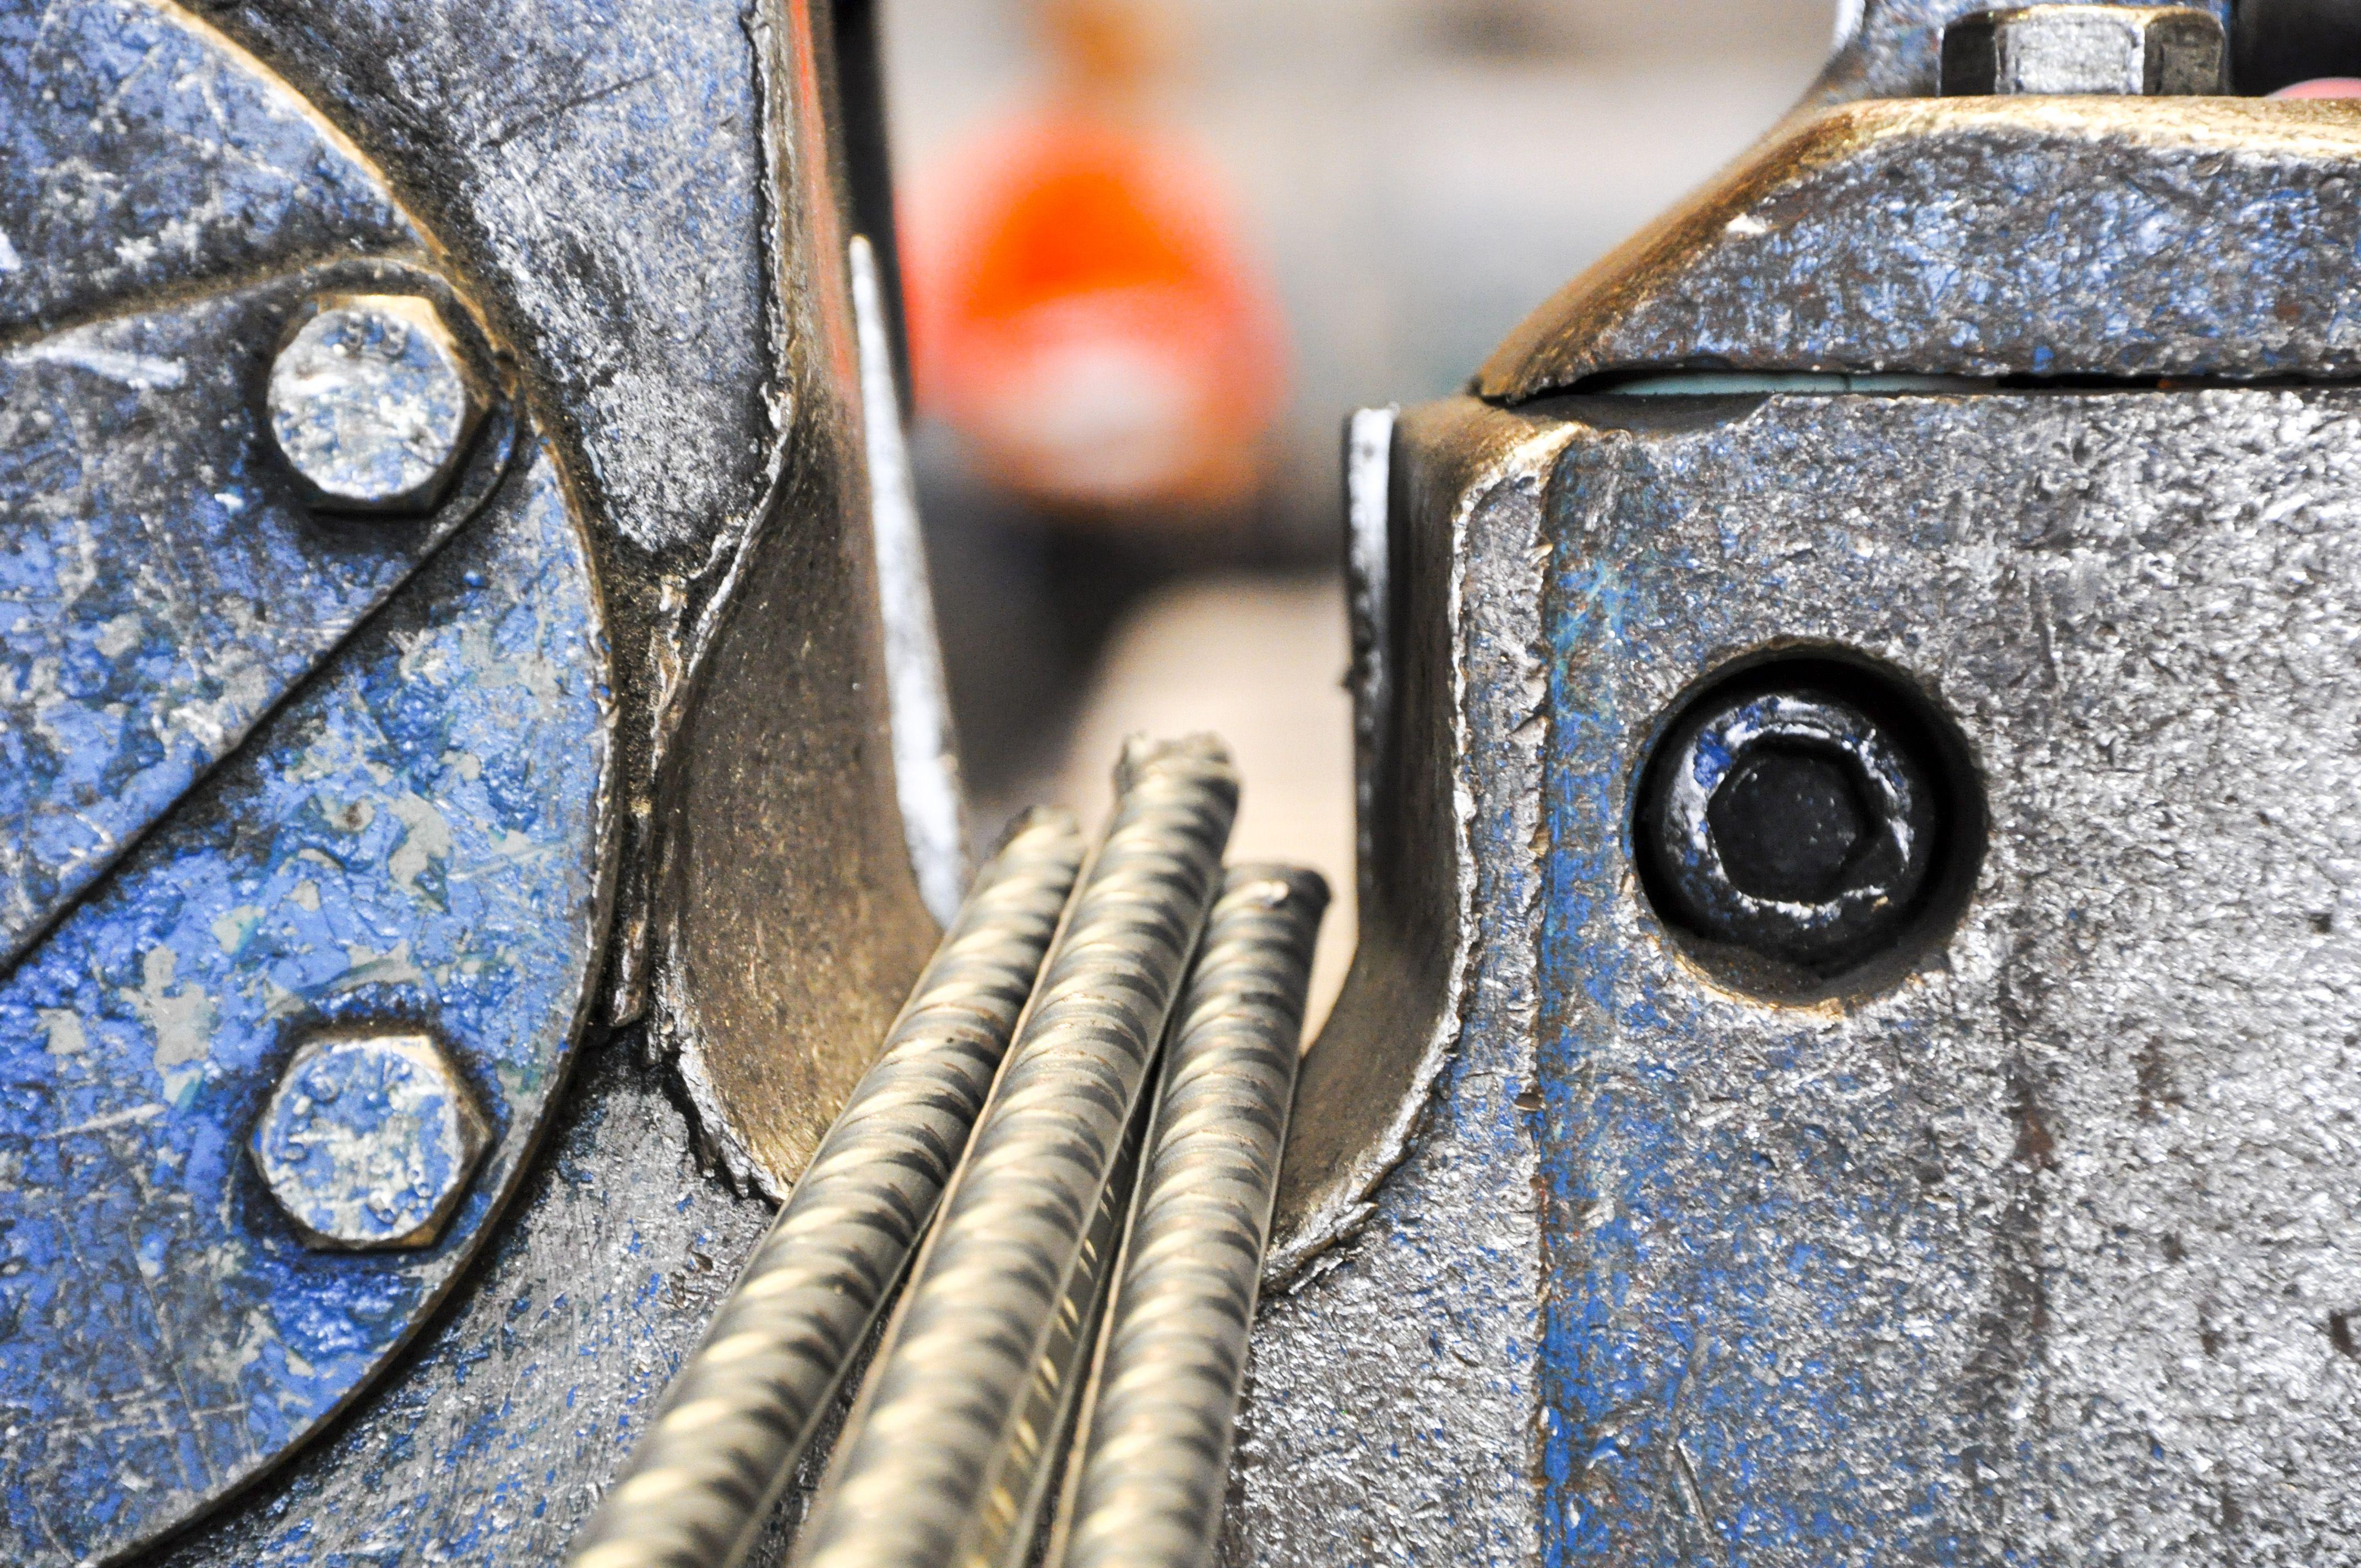 Elaboración, suministro y montaje de acero corrugado: Productos y servicios de Ainoferro, S.L.